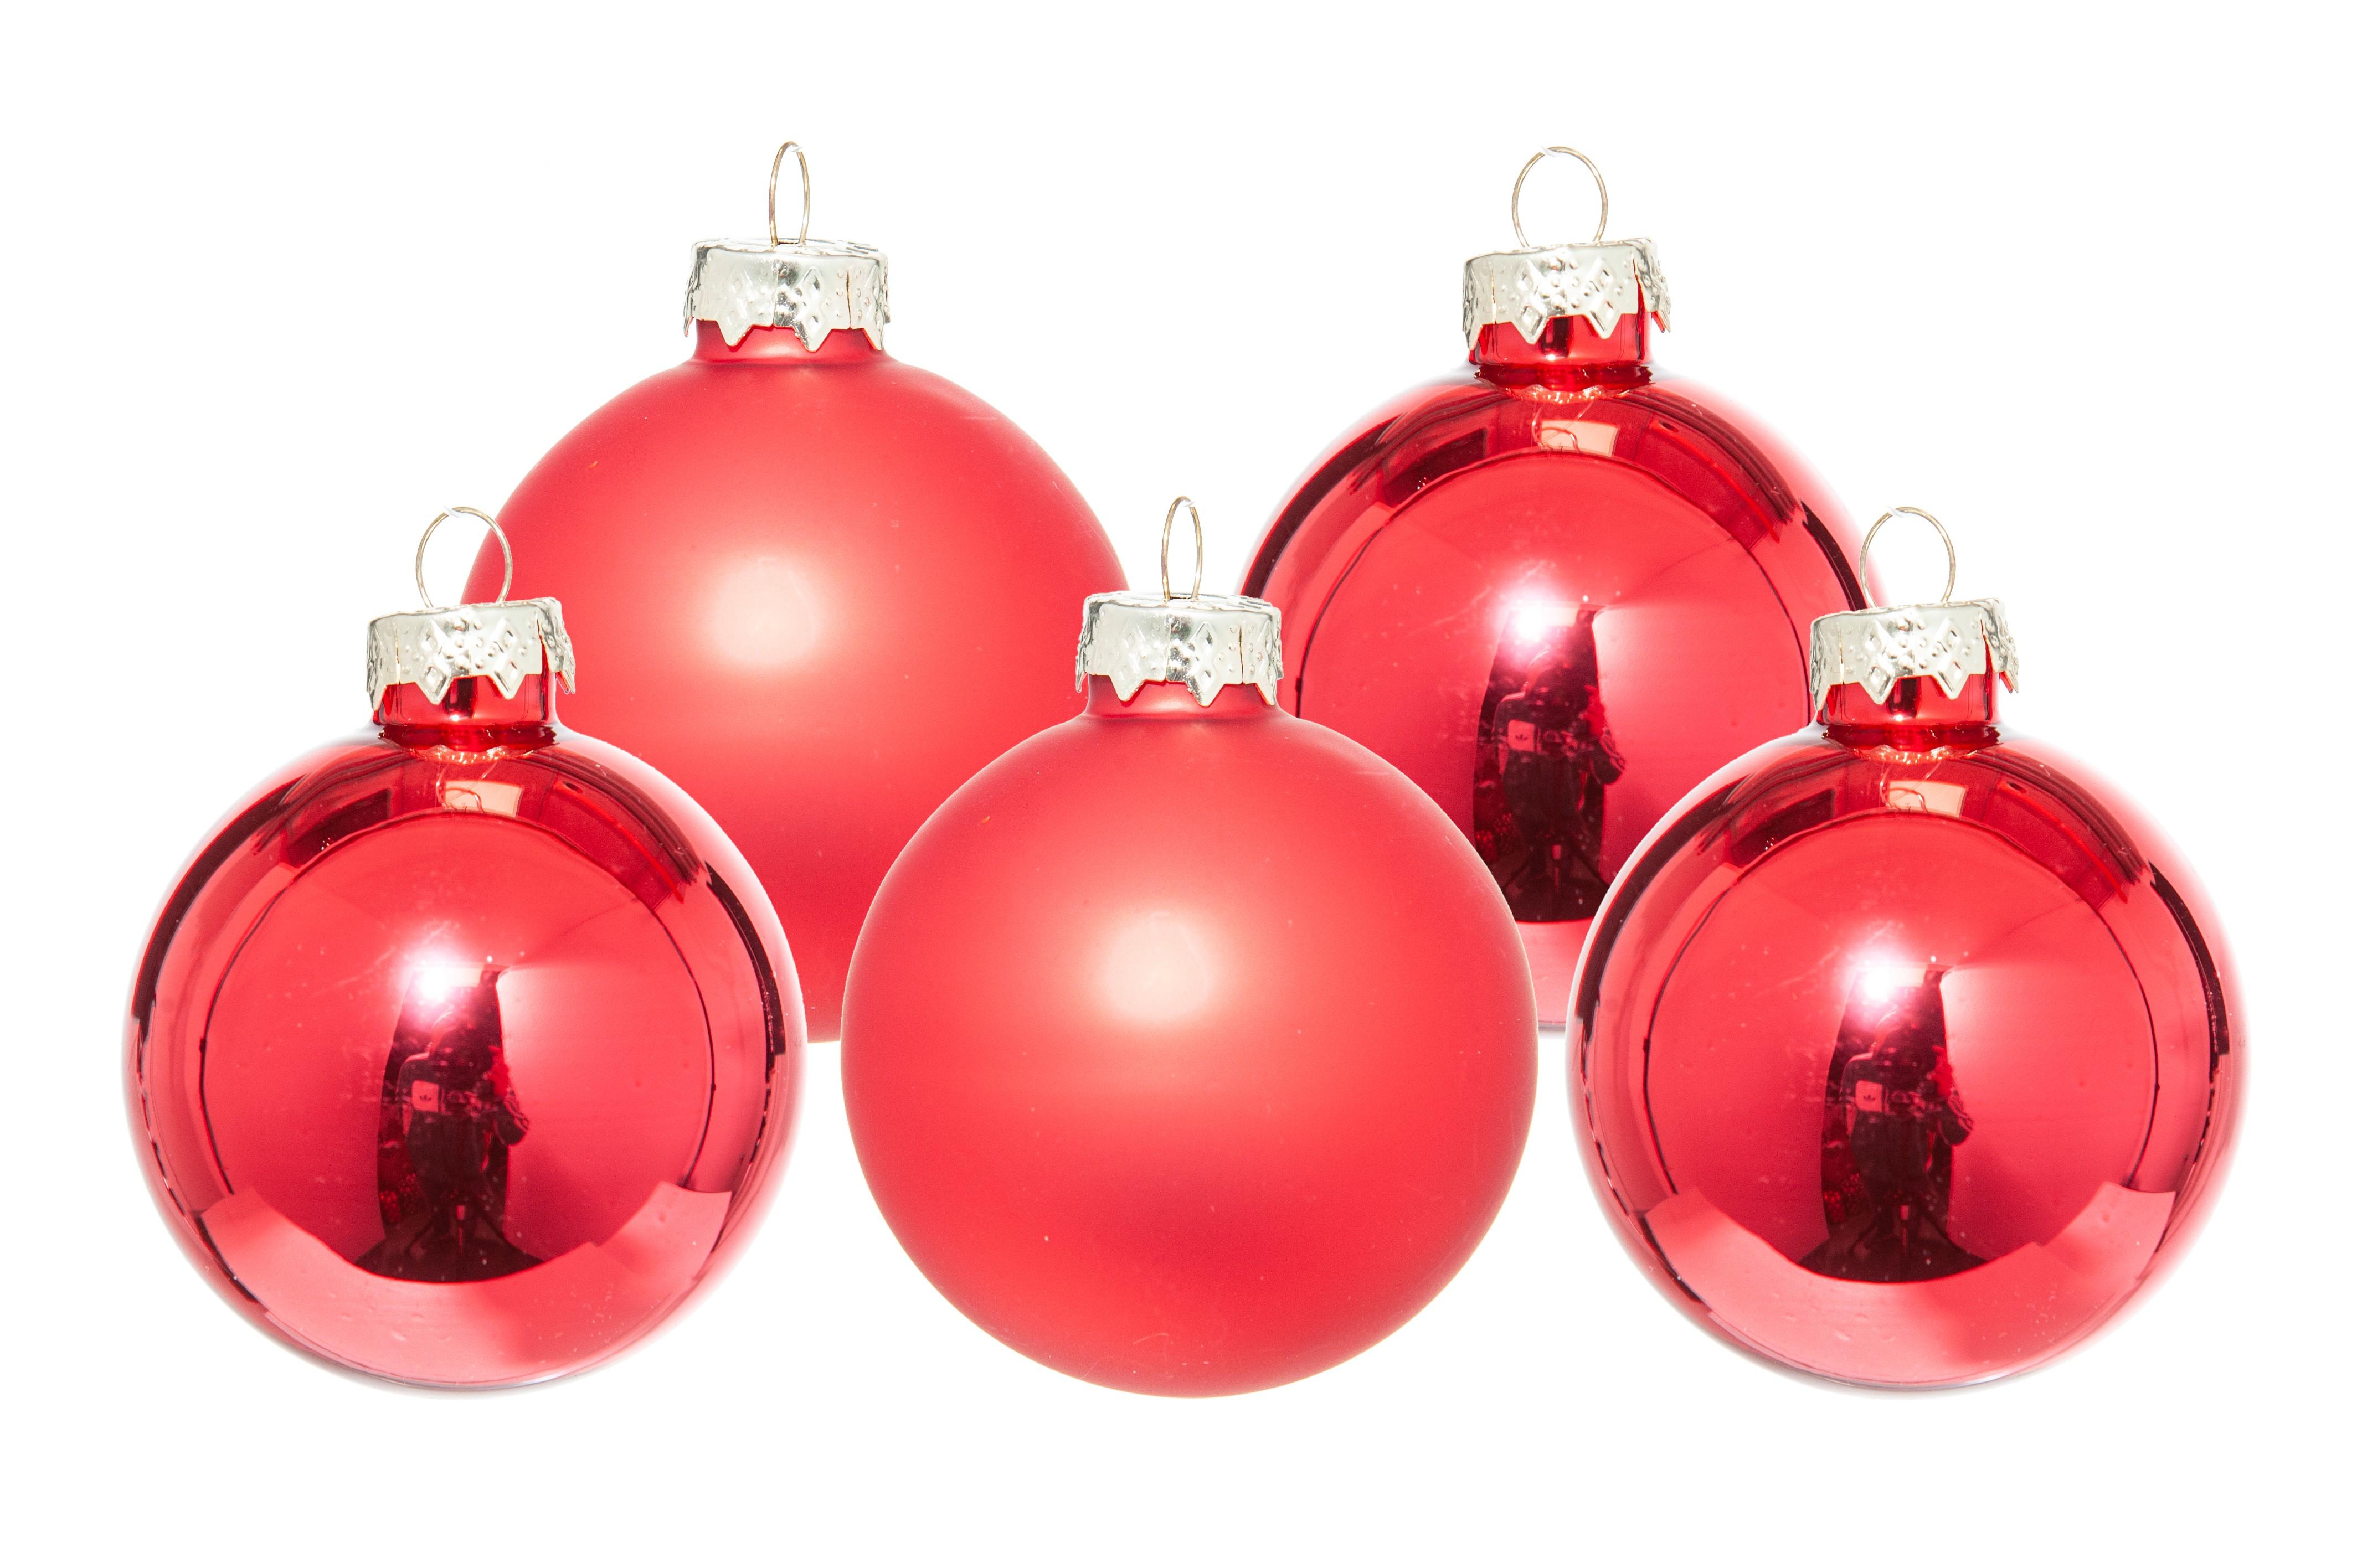 Addobbi Natalizi Vetro.Pz 16 Palle Vetro Per Albero Di Natale Mm 80 Addobbi Natalizi Addobbi E Decorazioni Per Ricorrenze Decorazioni Per Interni